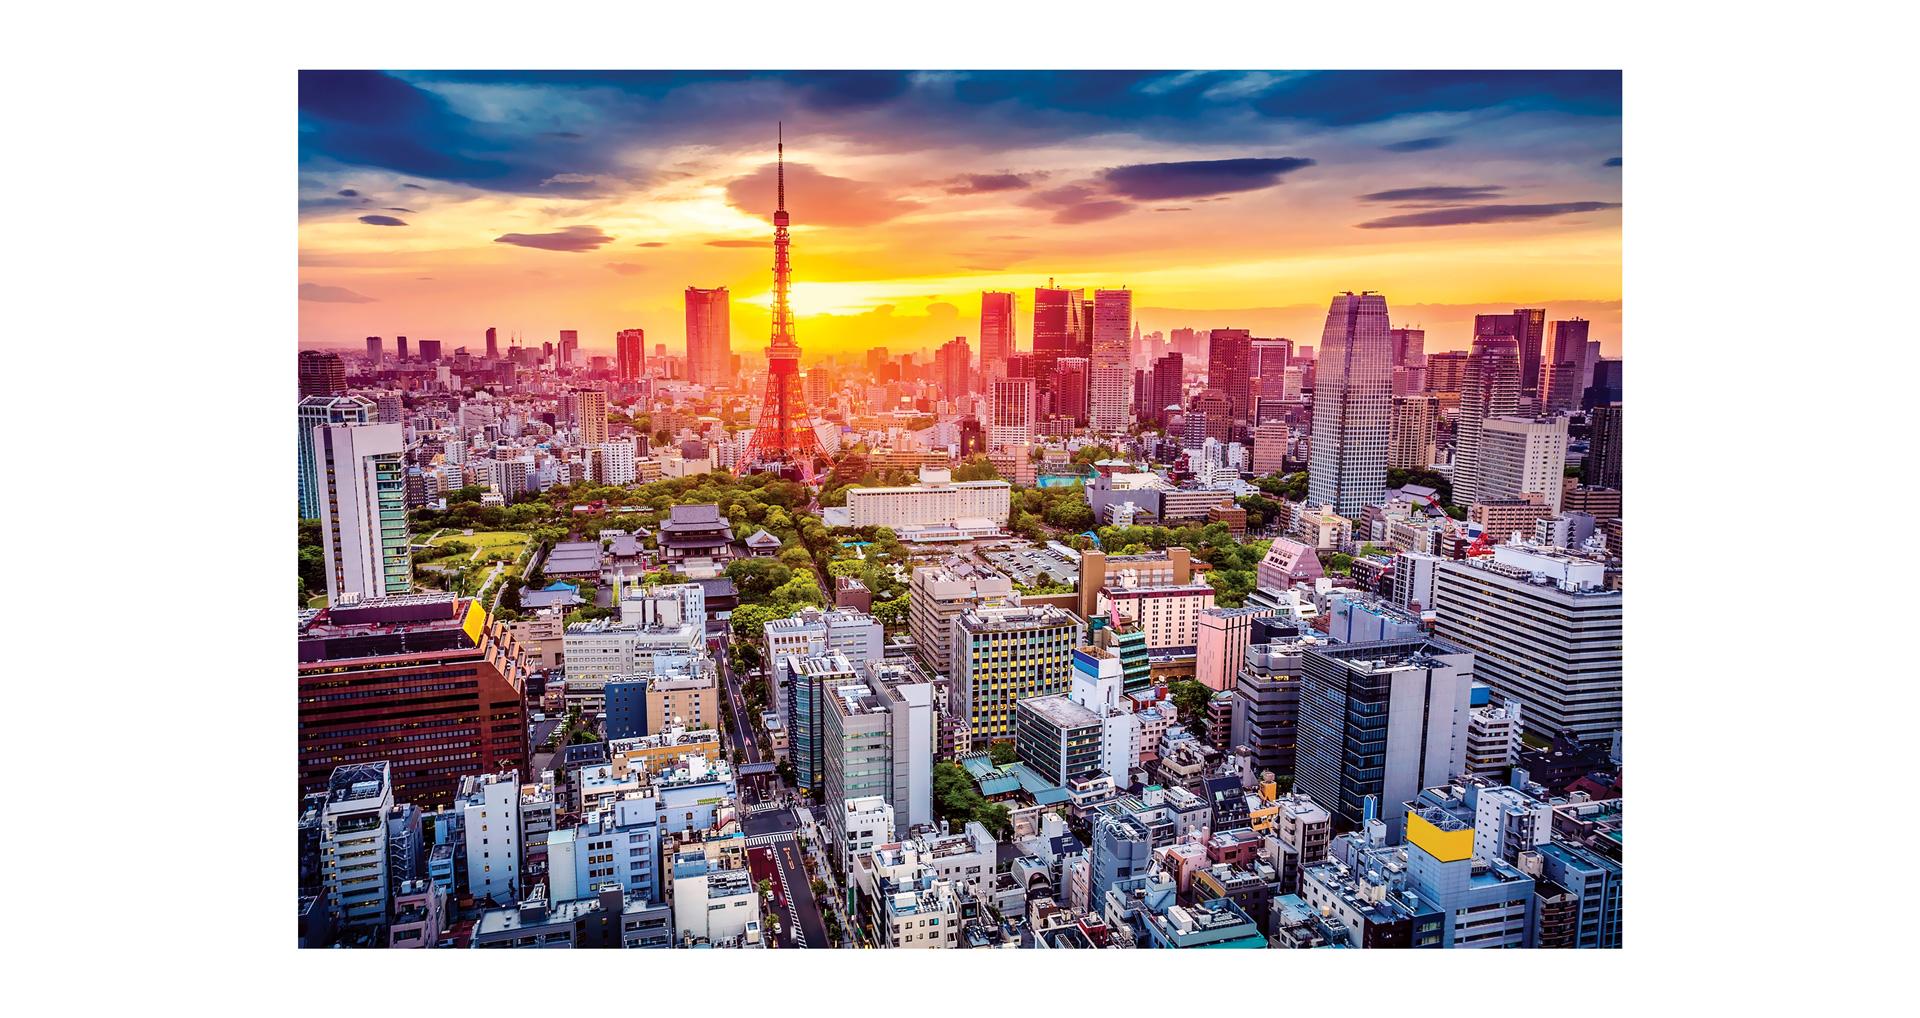 Những khu phố  độc đáo và hiện đại tại Tokyo ảnh 4